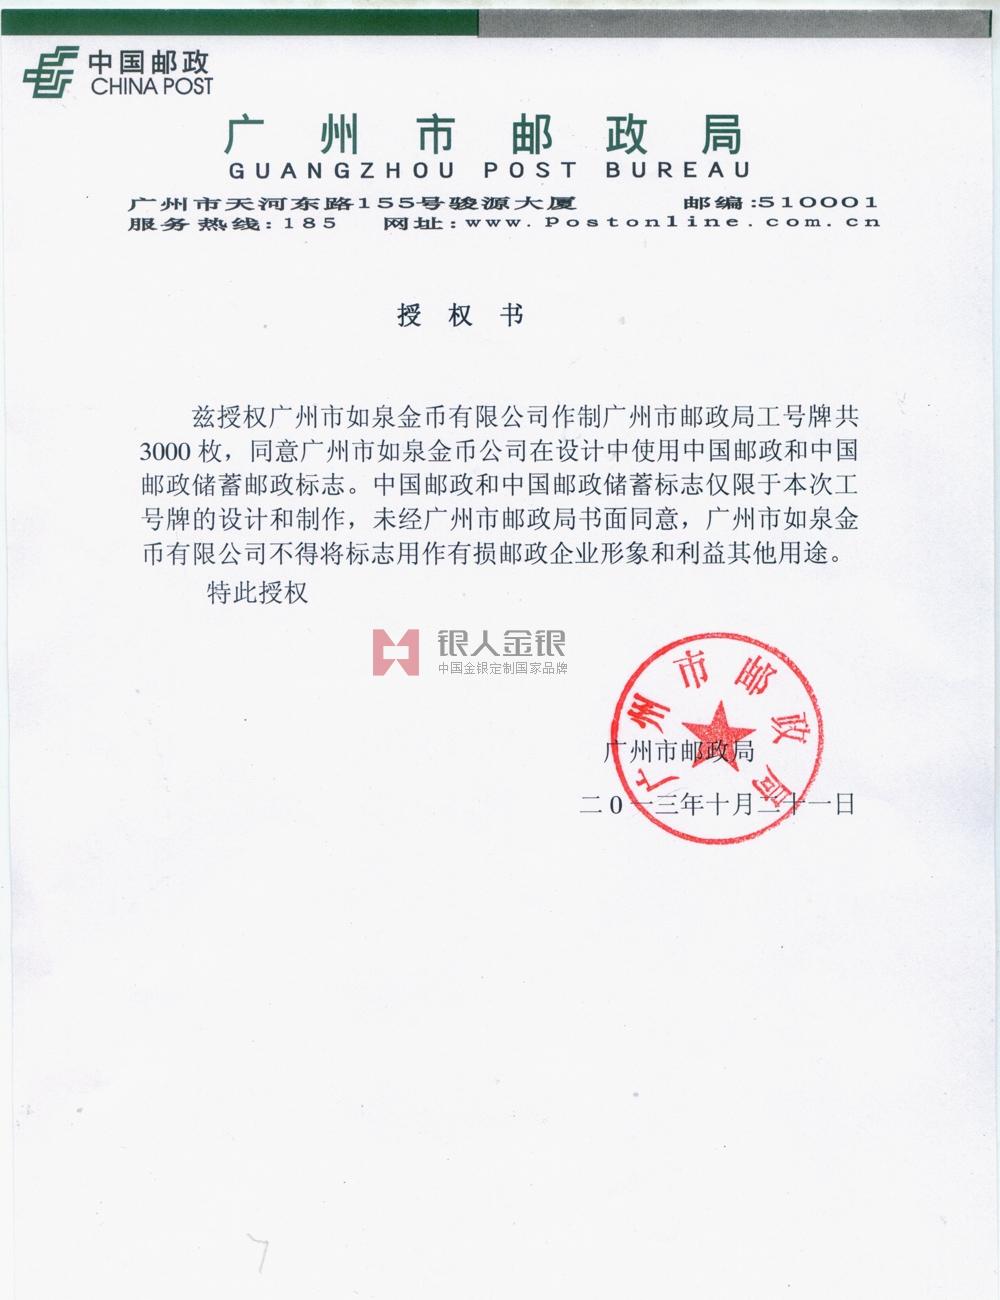 广州市邮政局万博体育app官方下载公函